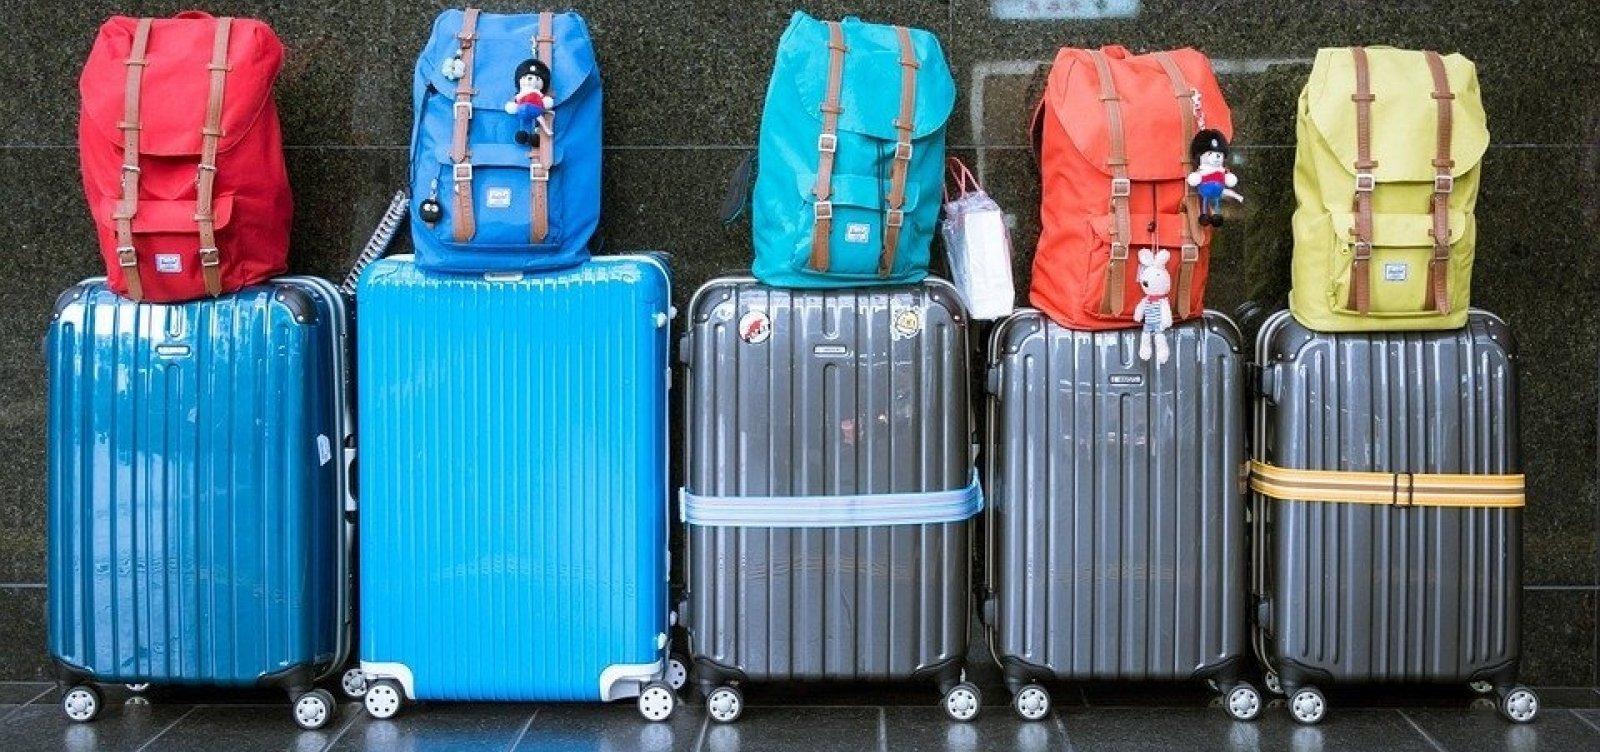 [Alta temporada deve ter mais de 5 milhões de passageiros em aeroportos]